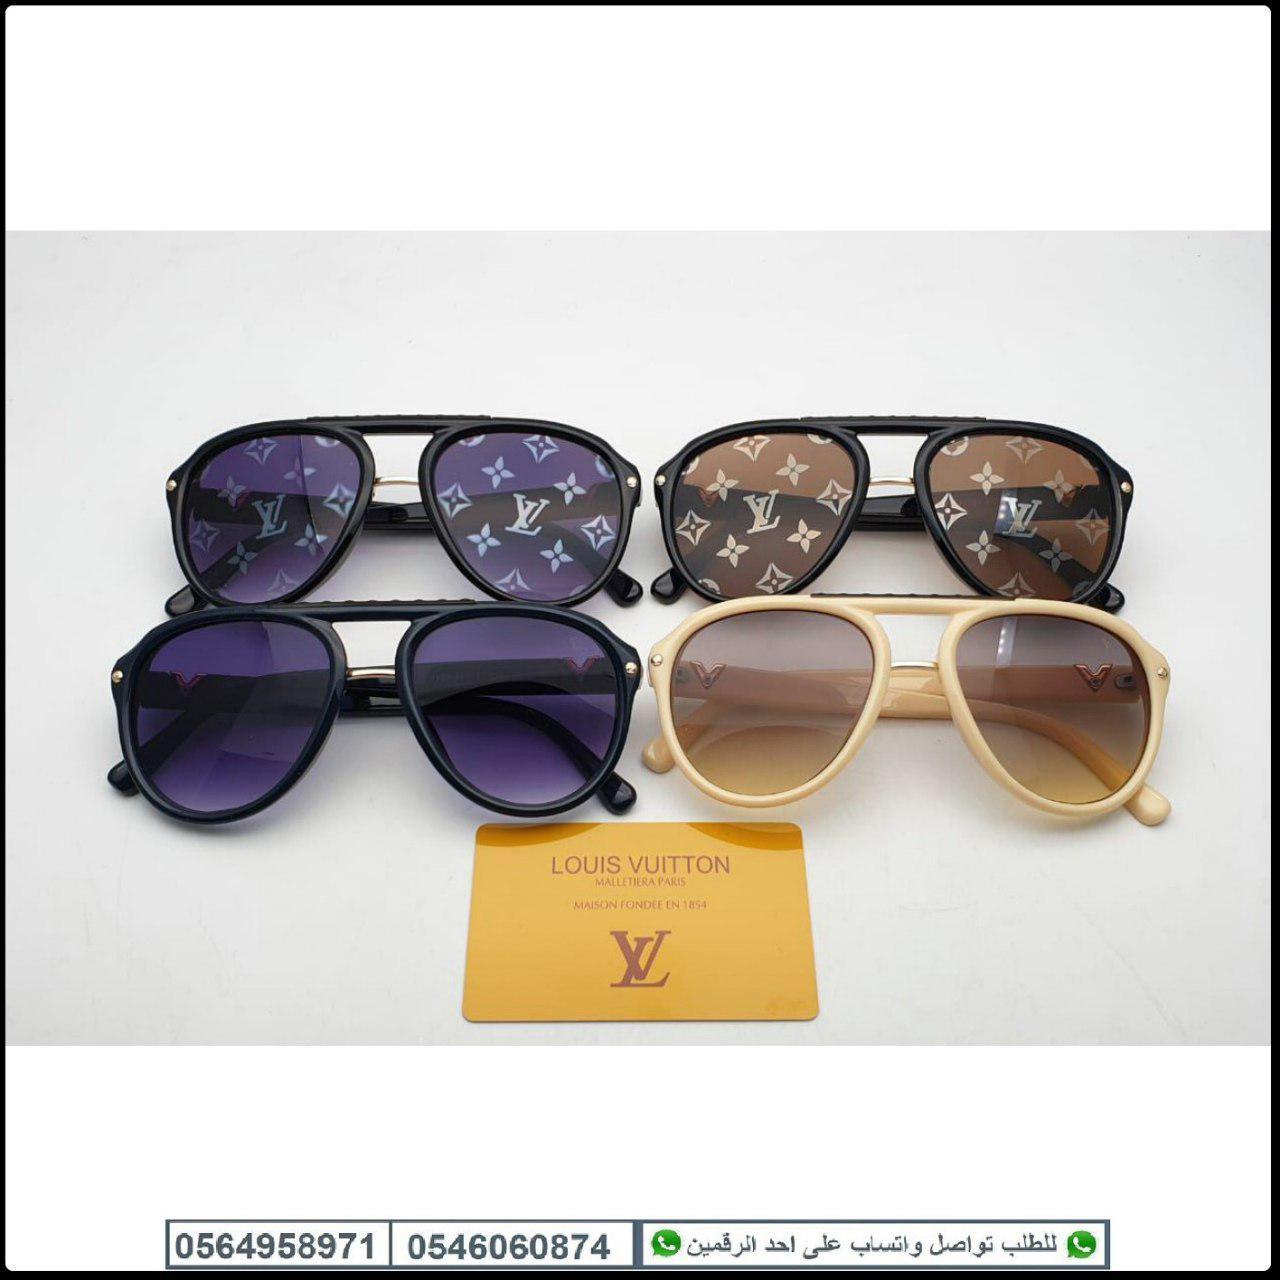 نظارات لويس فيتون رجاليه